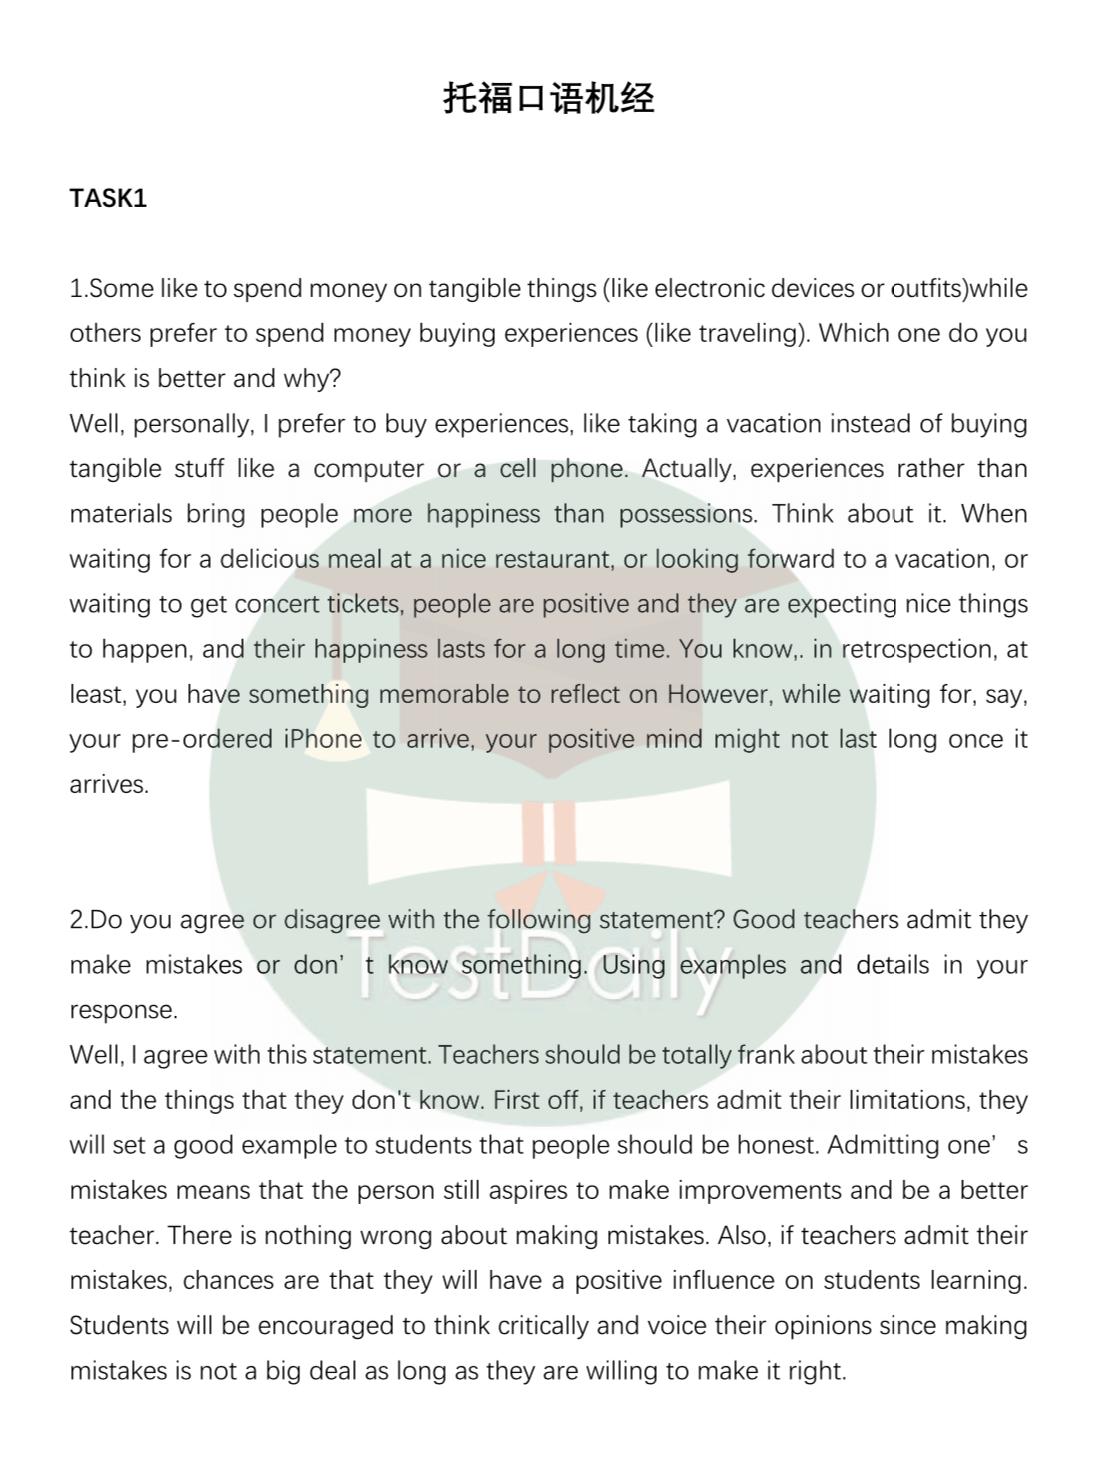 2020年7月11日托福口语机经免费下载